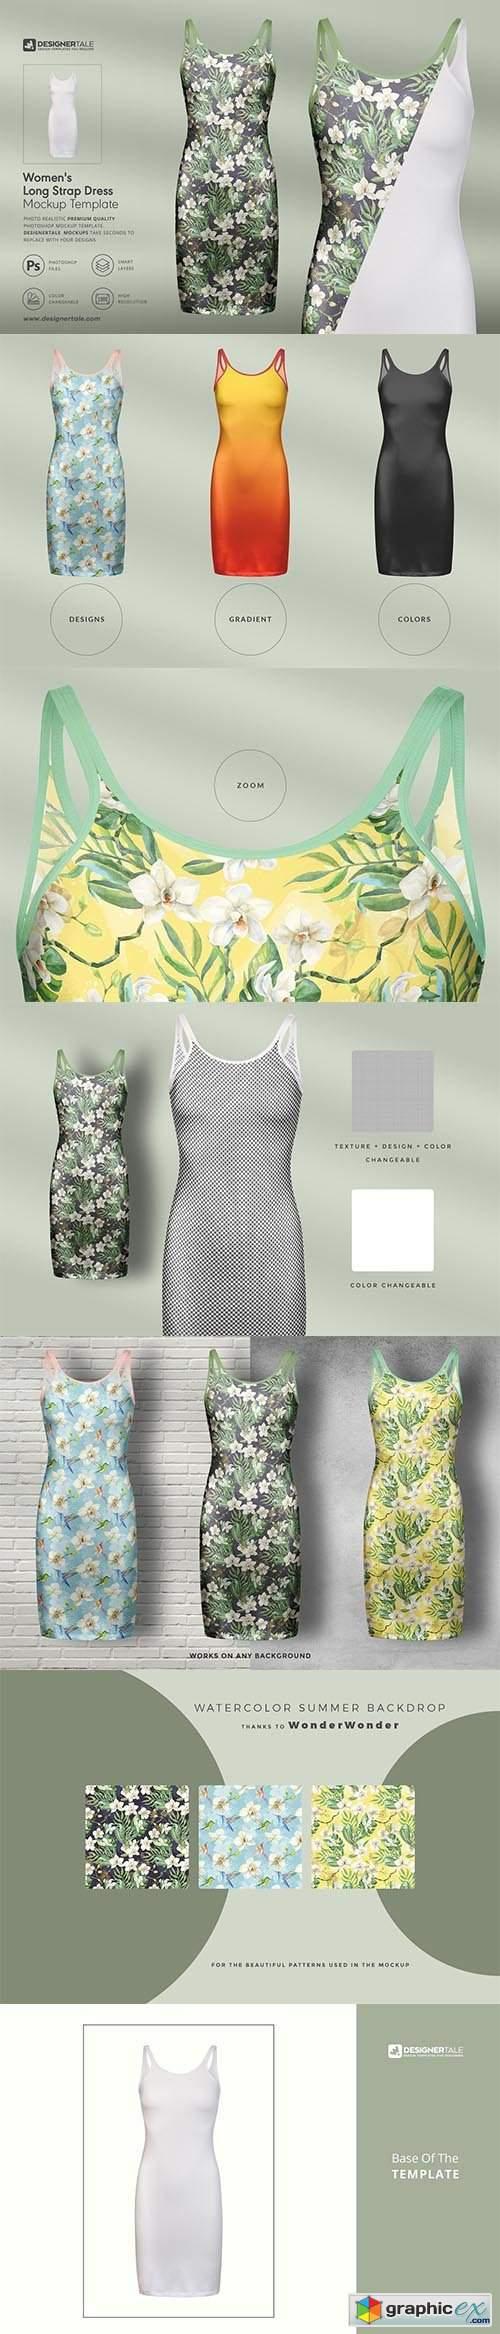 Women's Long Strap Dress Mockup 4109441